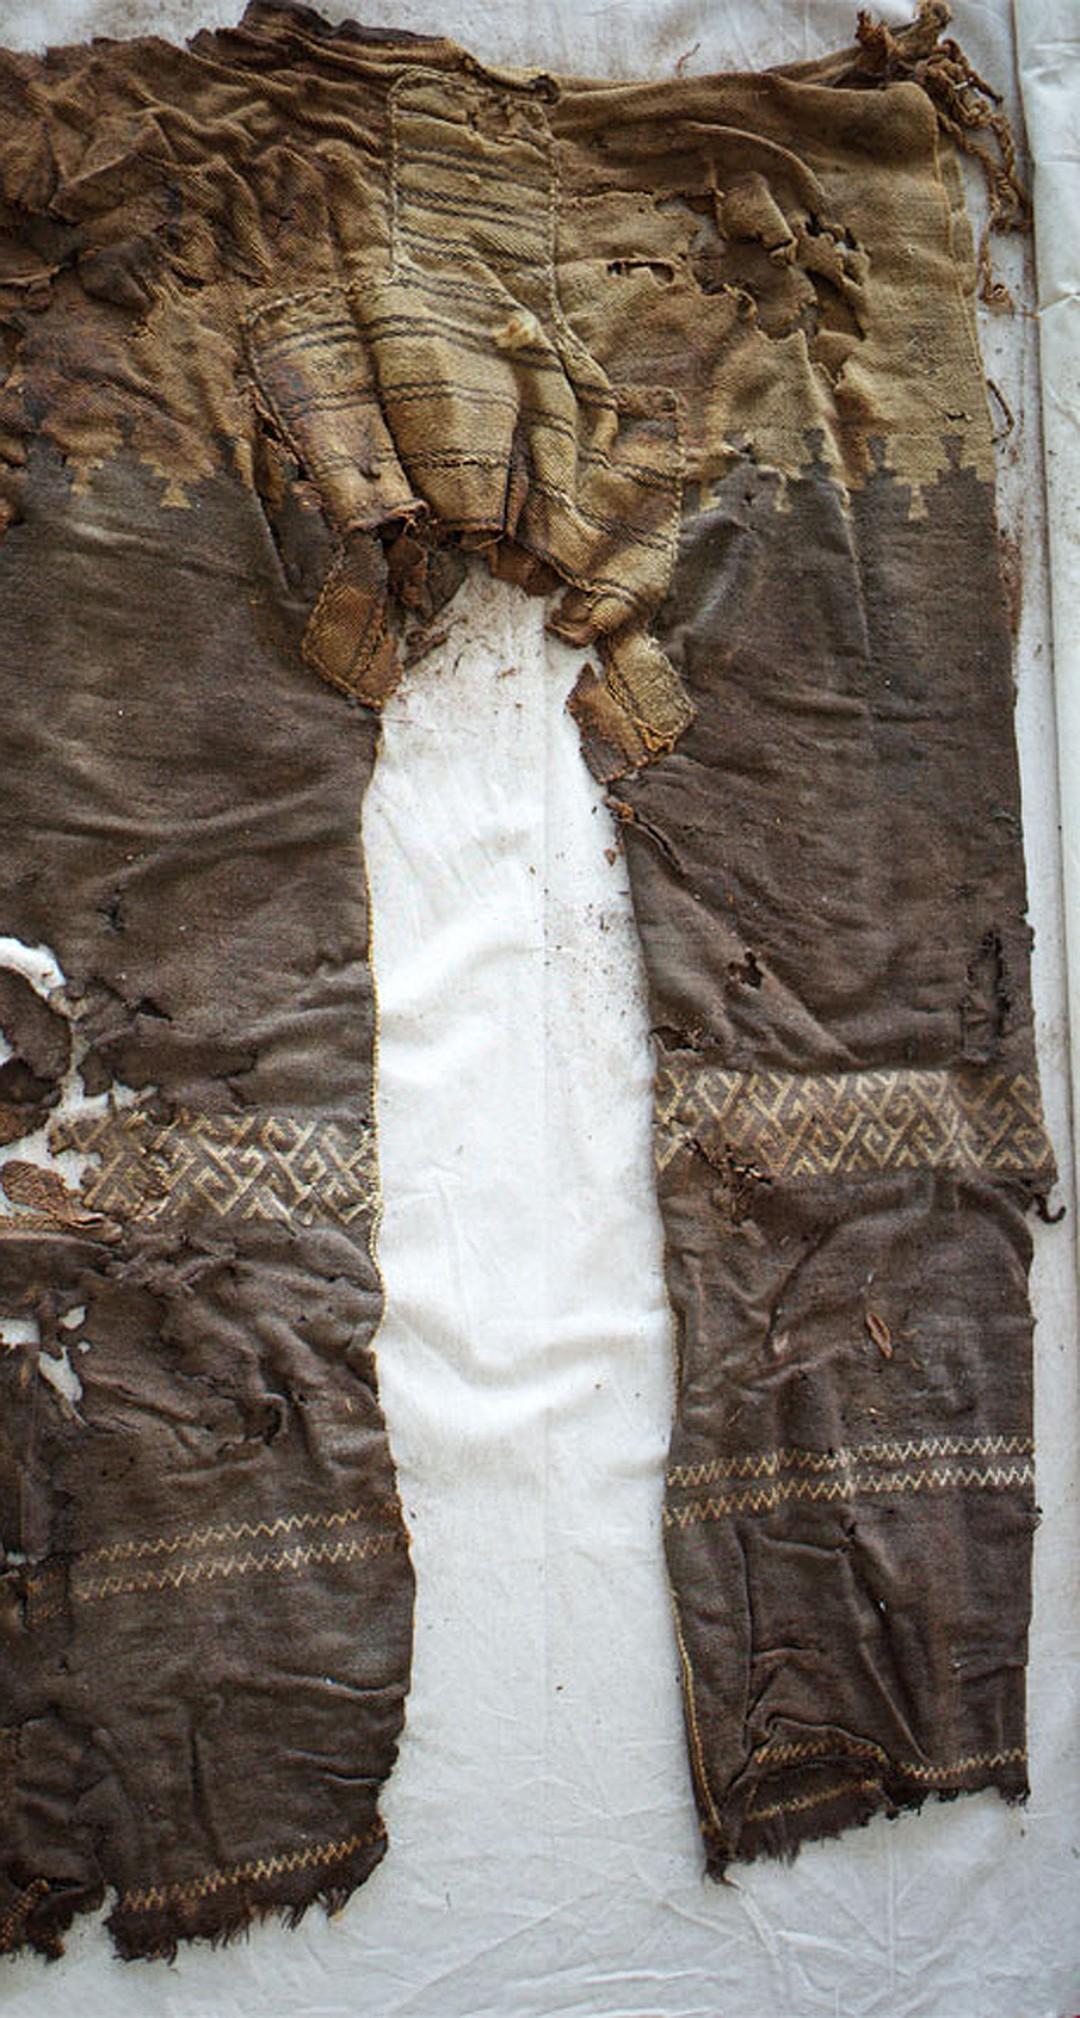 Археологи нашли самые старые штаны в истории